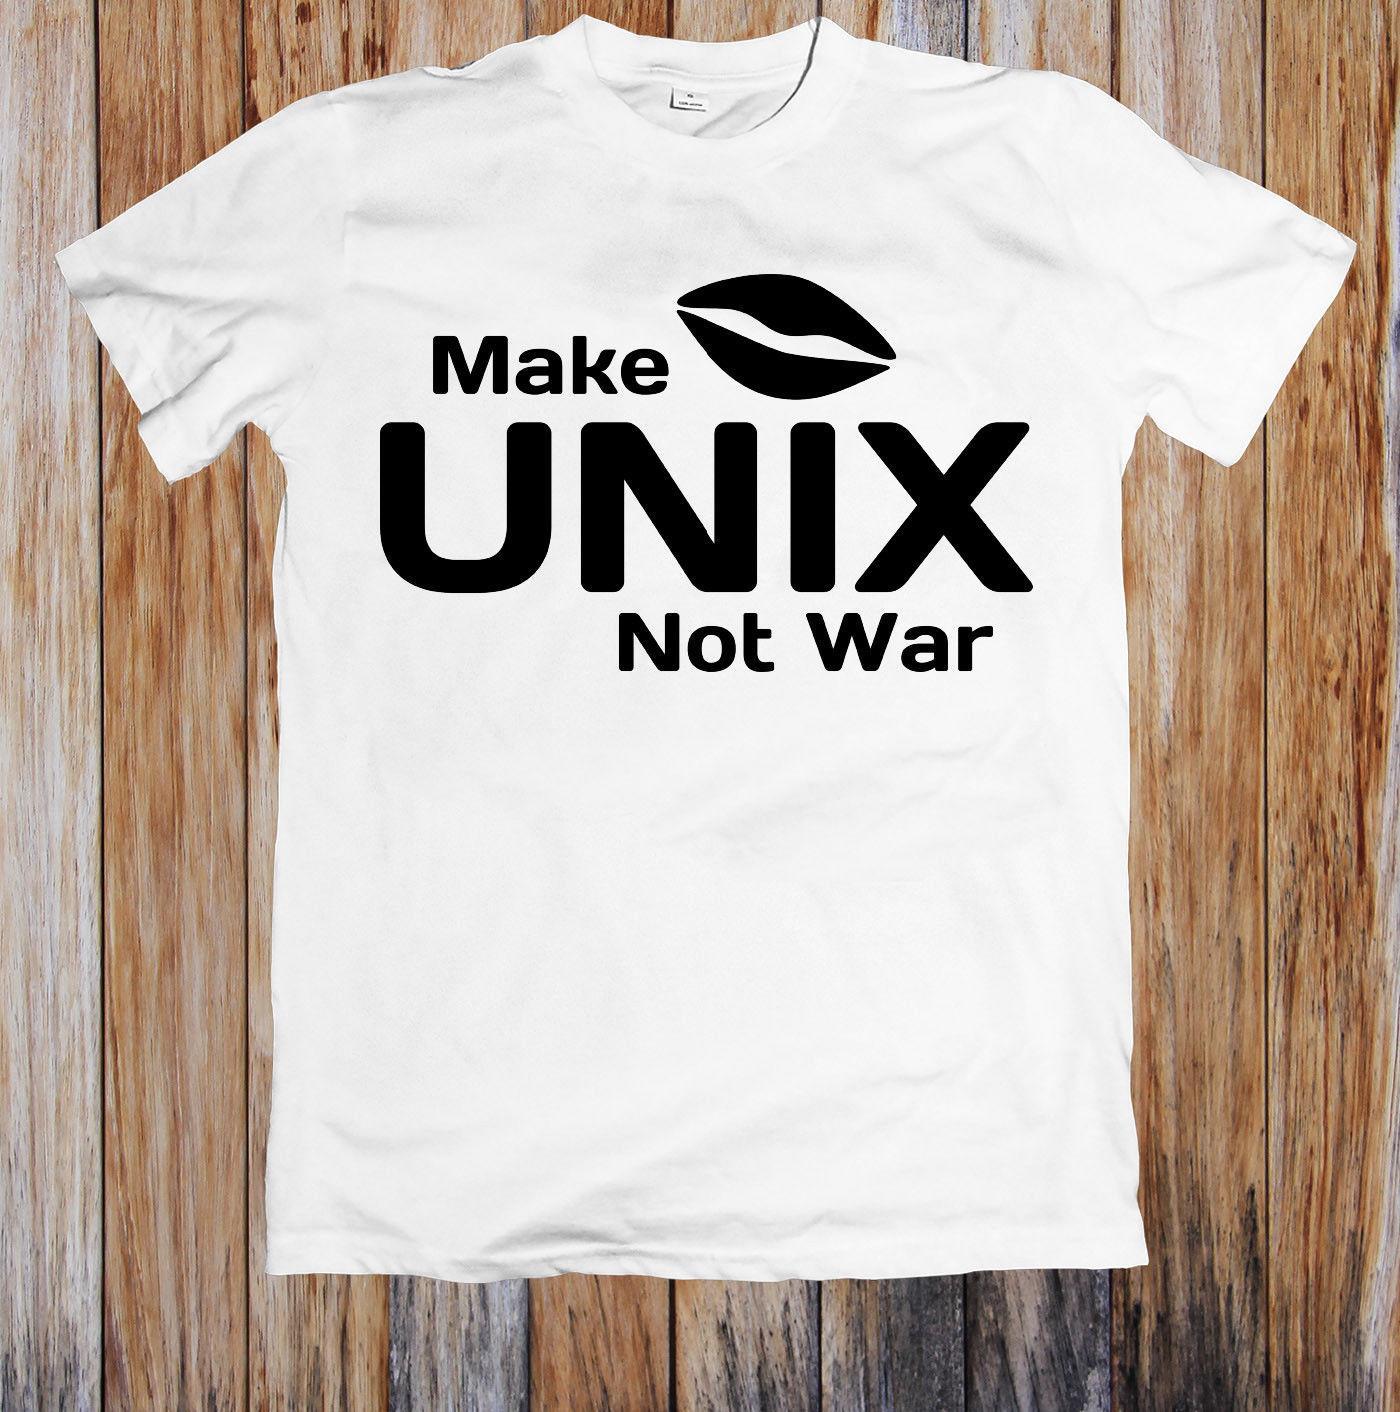 7c62a7d15 MAKE UNIX NOT WAR UNISEX T SHIRT T Shirt Shop Online Crazy T Shirt From  Xsy11tshirt, $12.05| DHgate.Com